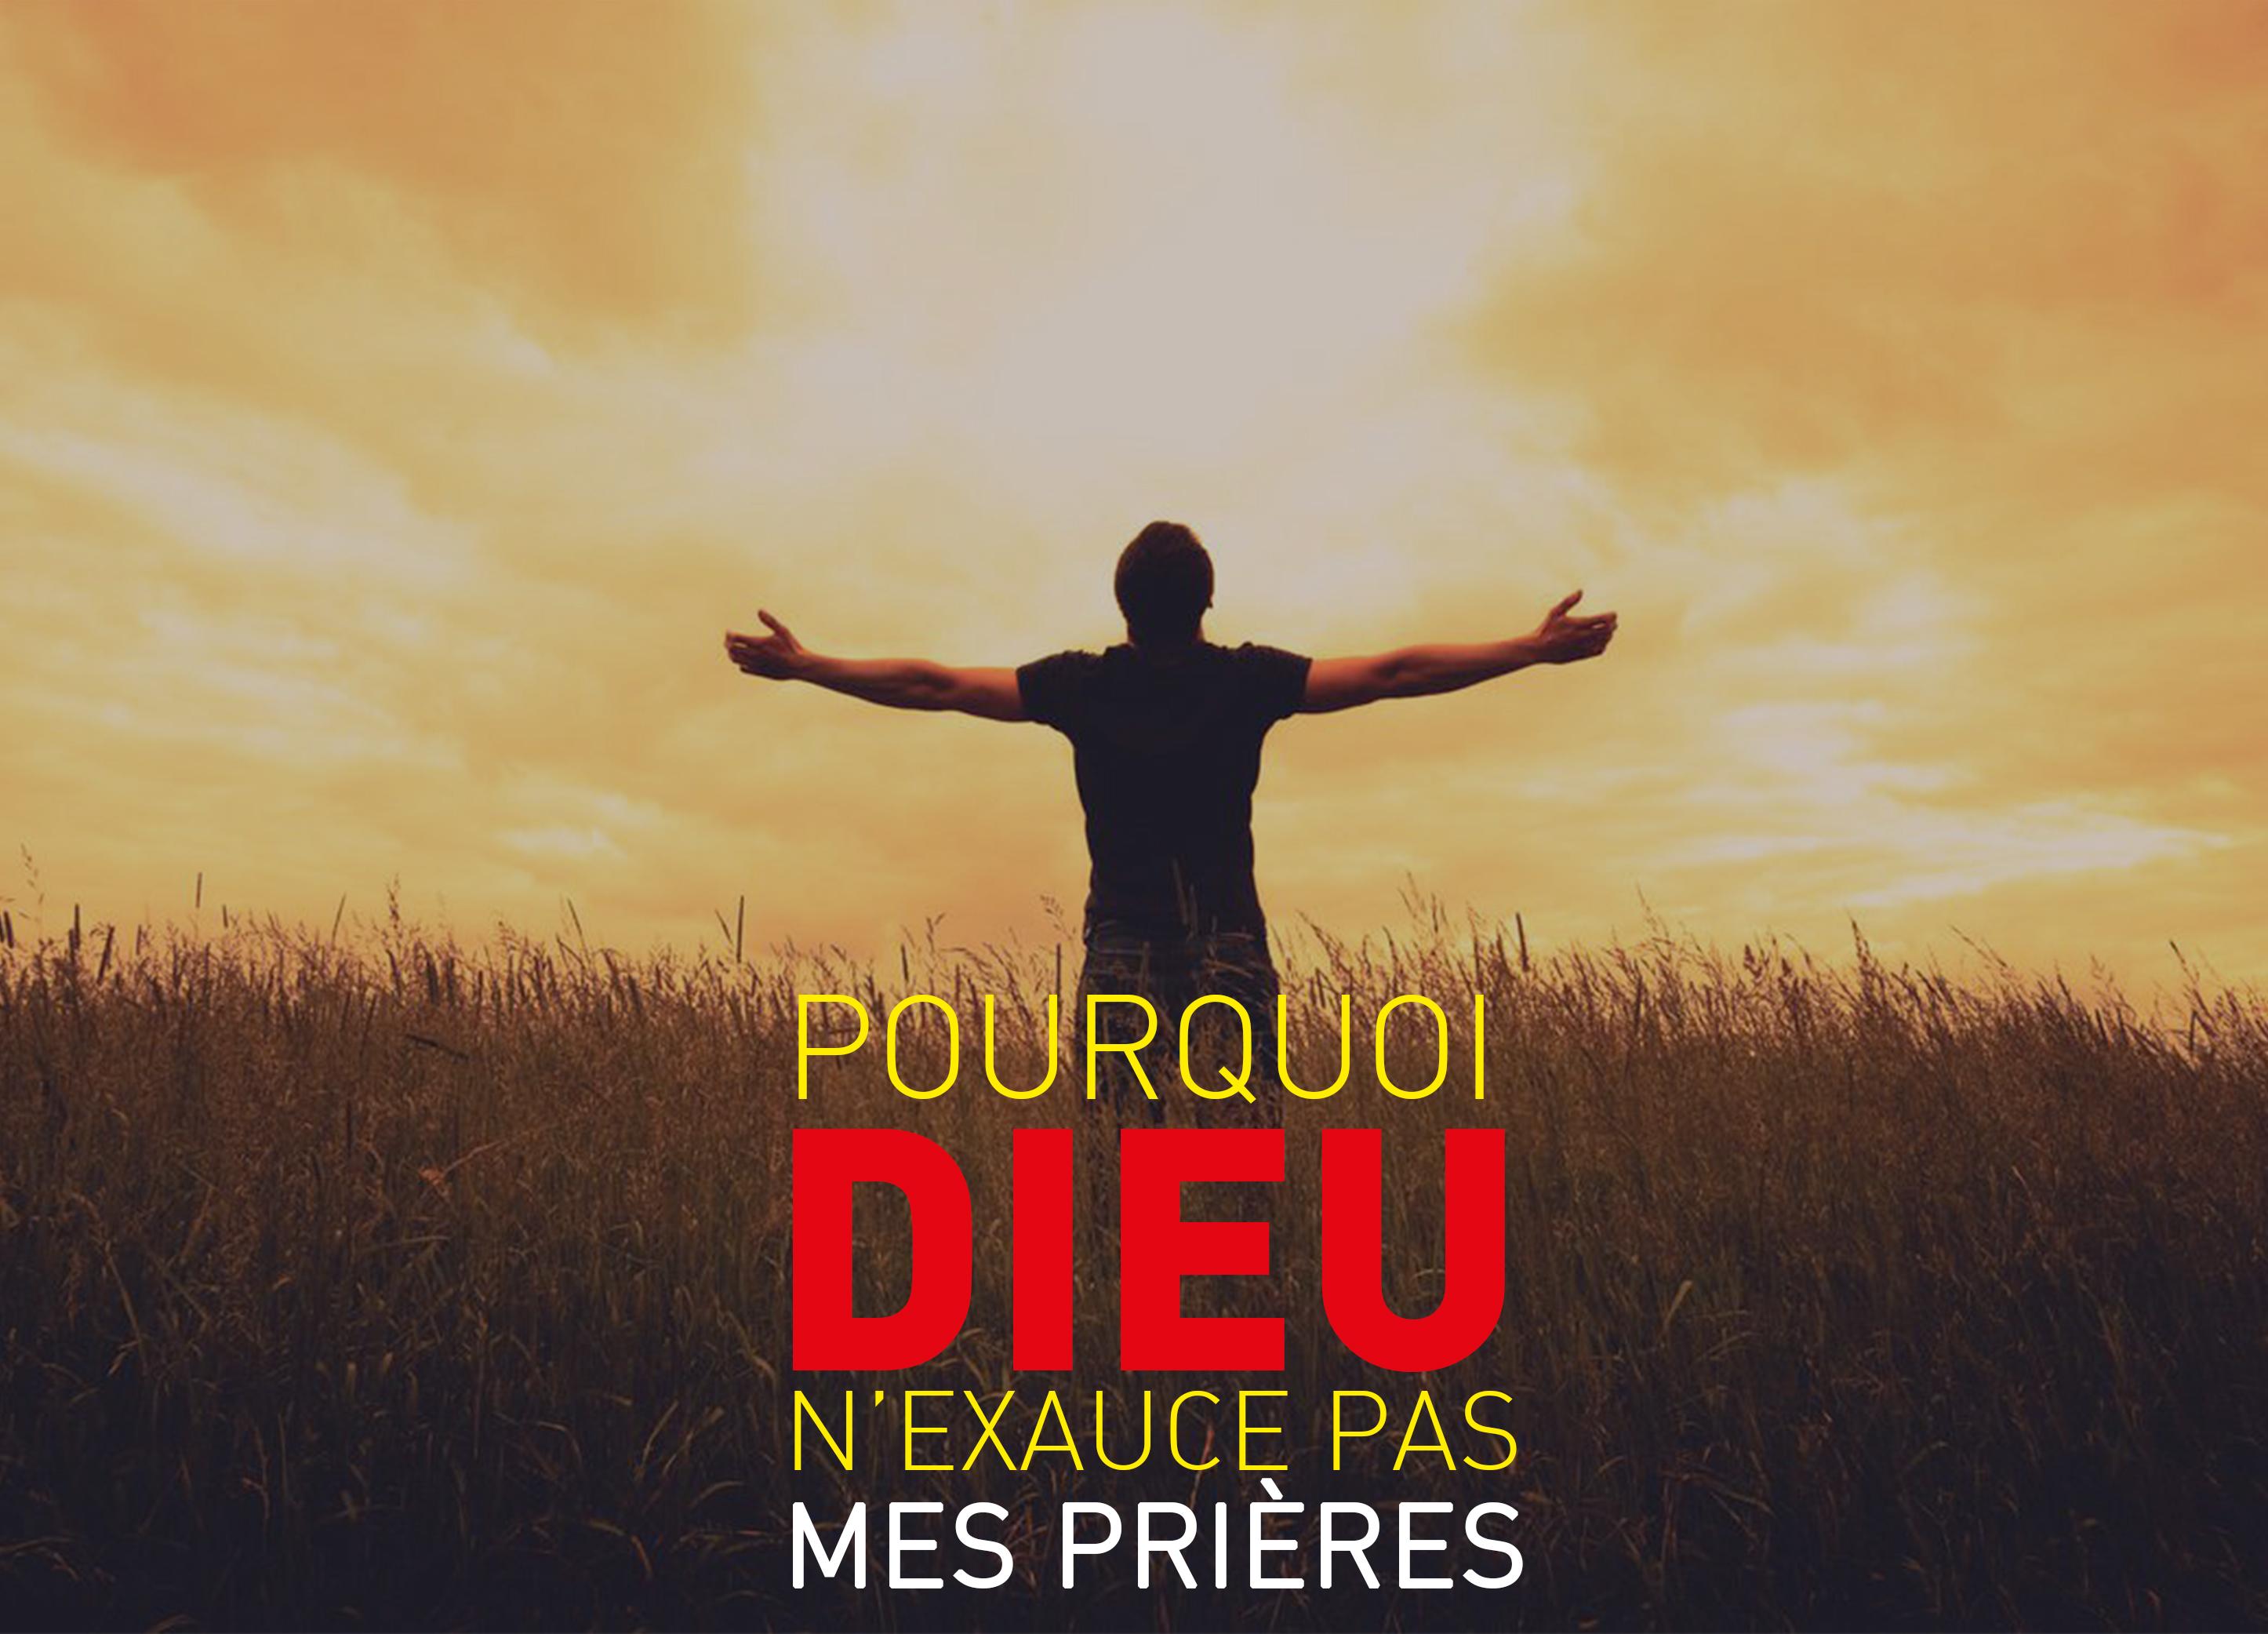 1- Pourquoi Dieu n'exauce pas mes prières ?